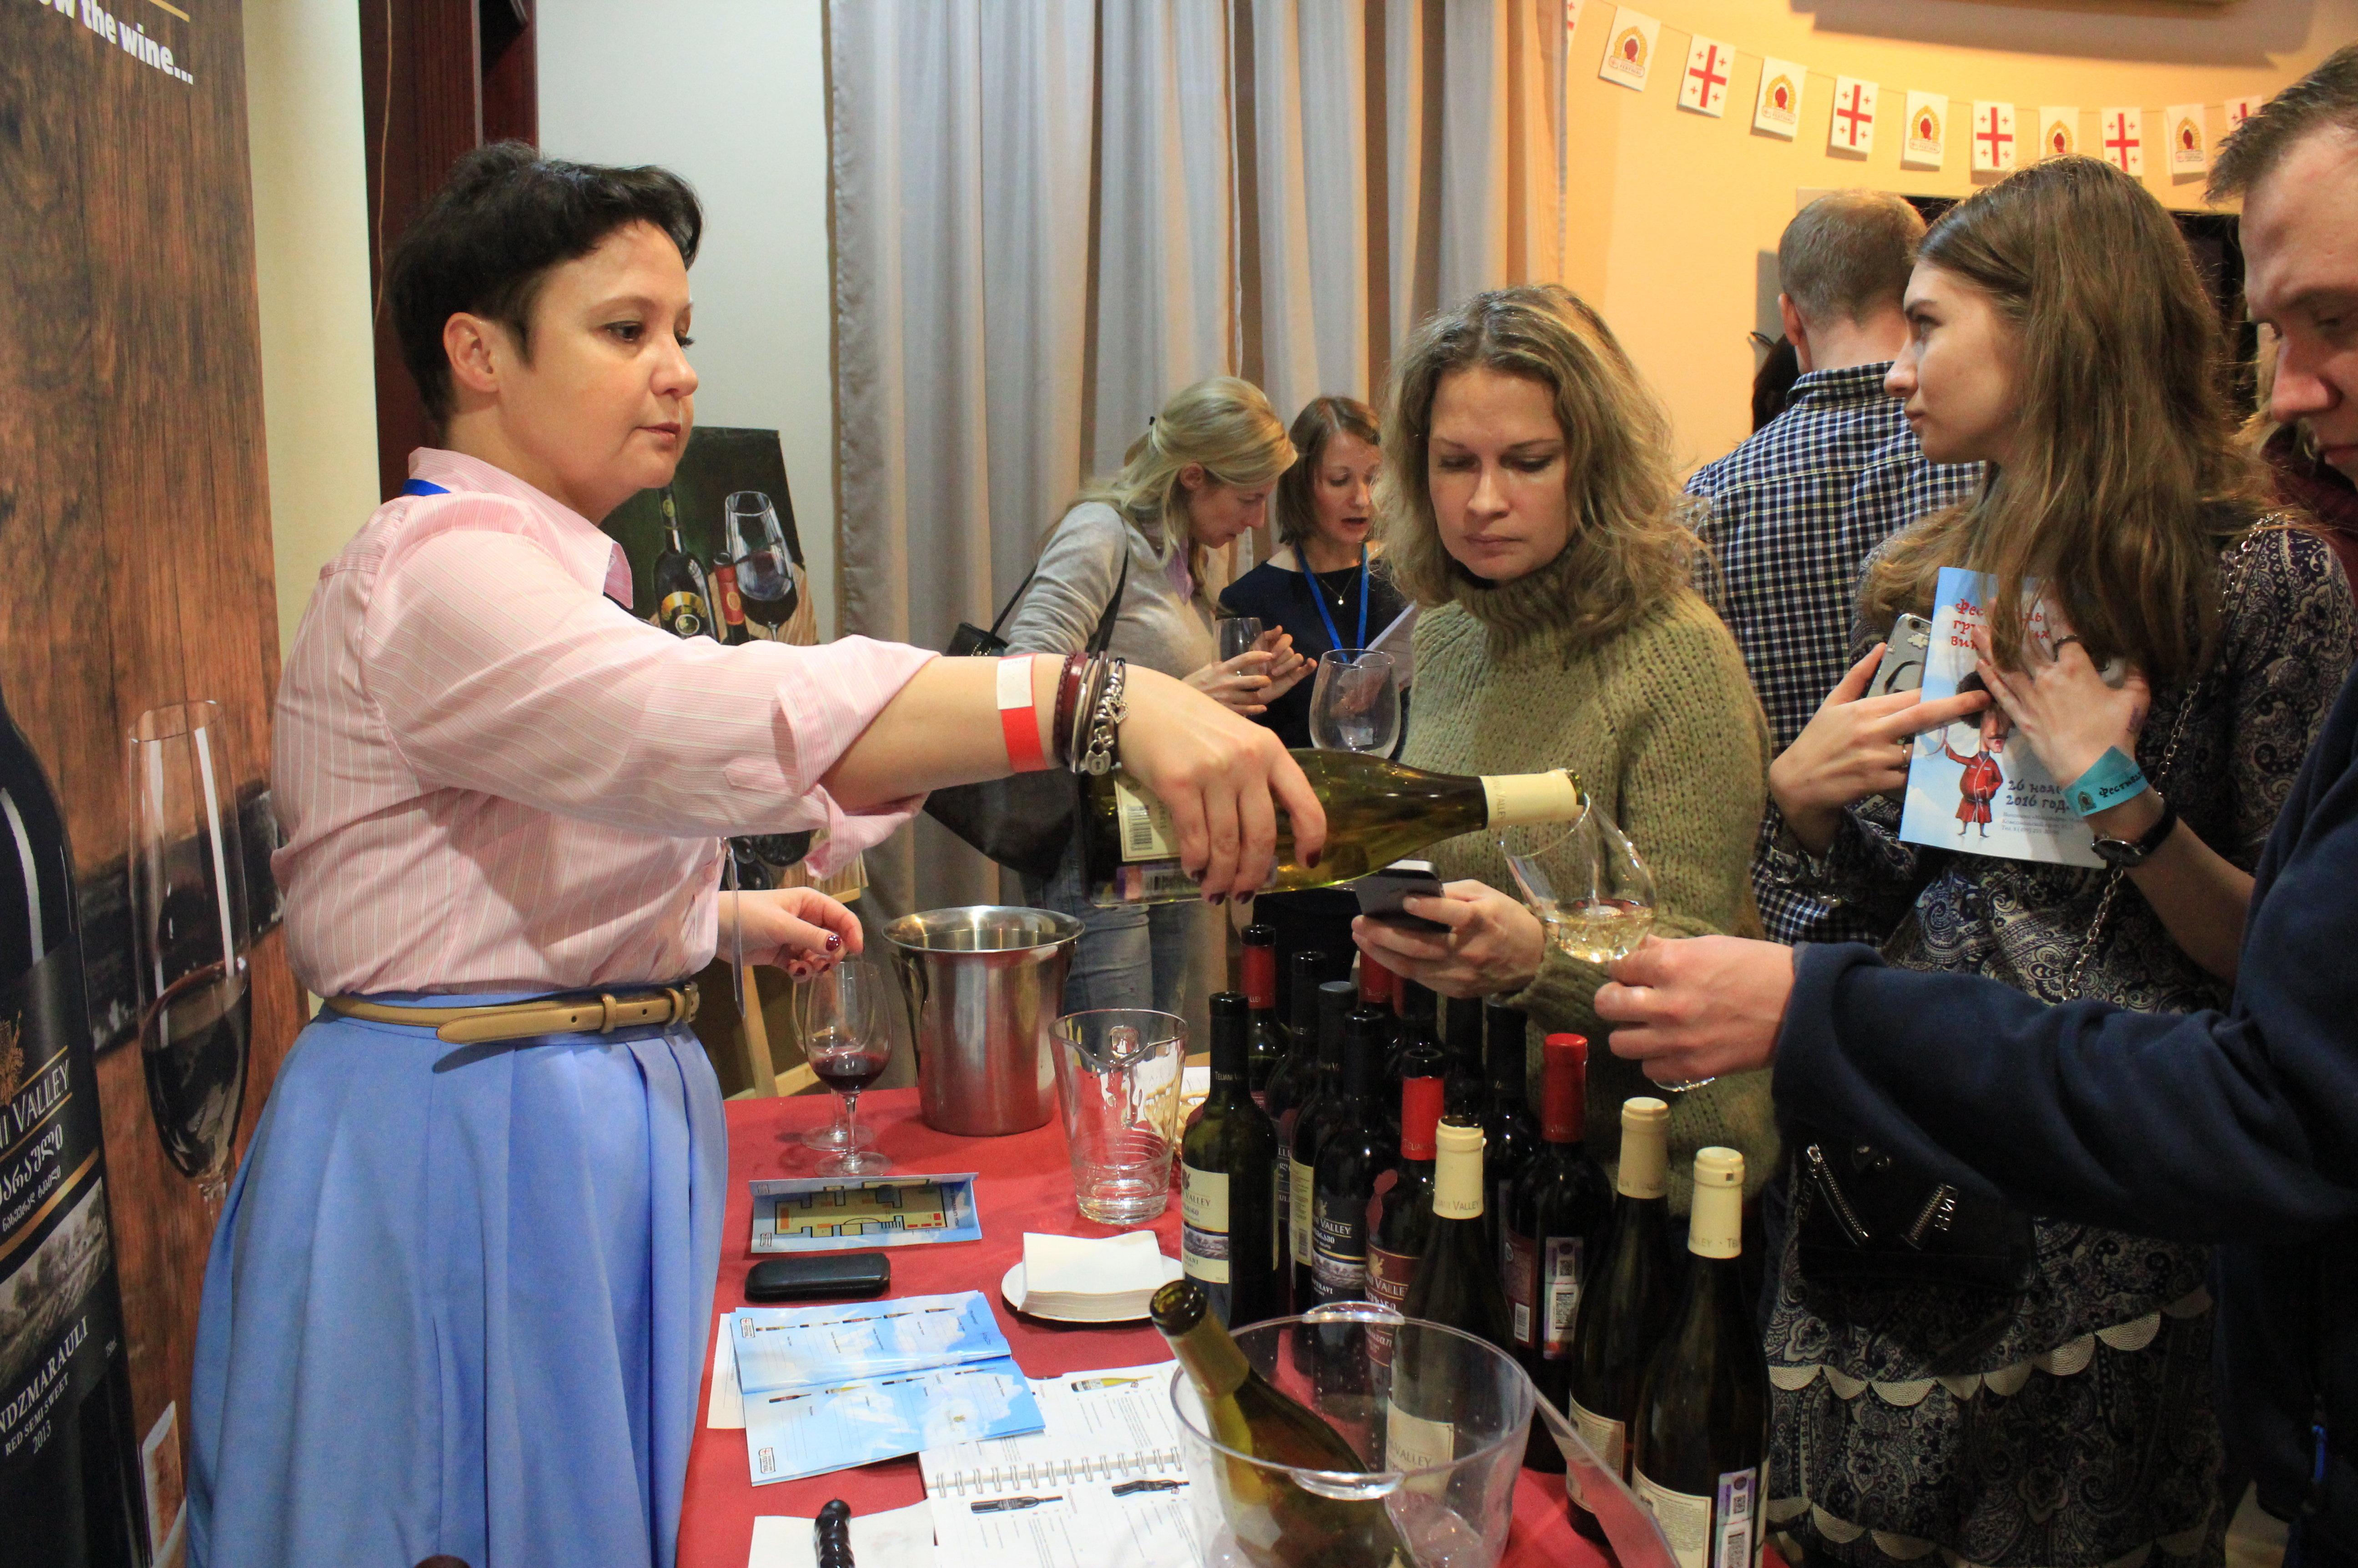 მოსკოვში გამართულ ქართული ღვინის ფესტივალზე სტუმრები ღვინოს აგემოვნებენ